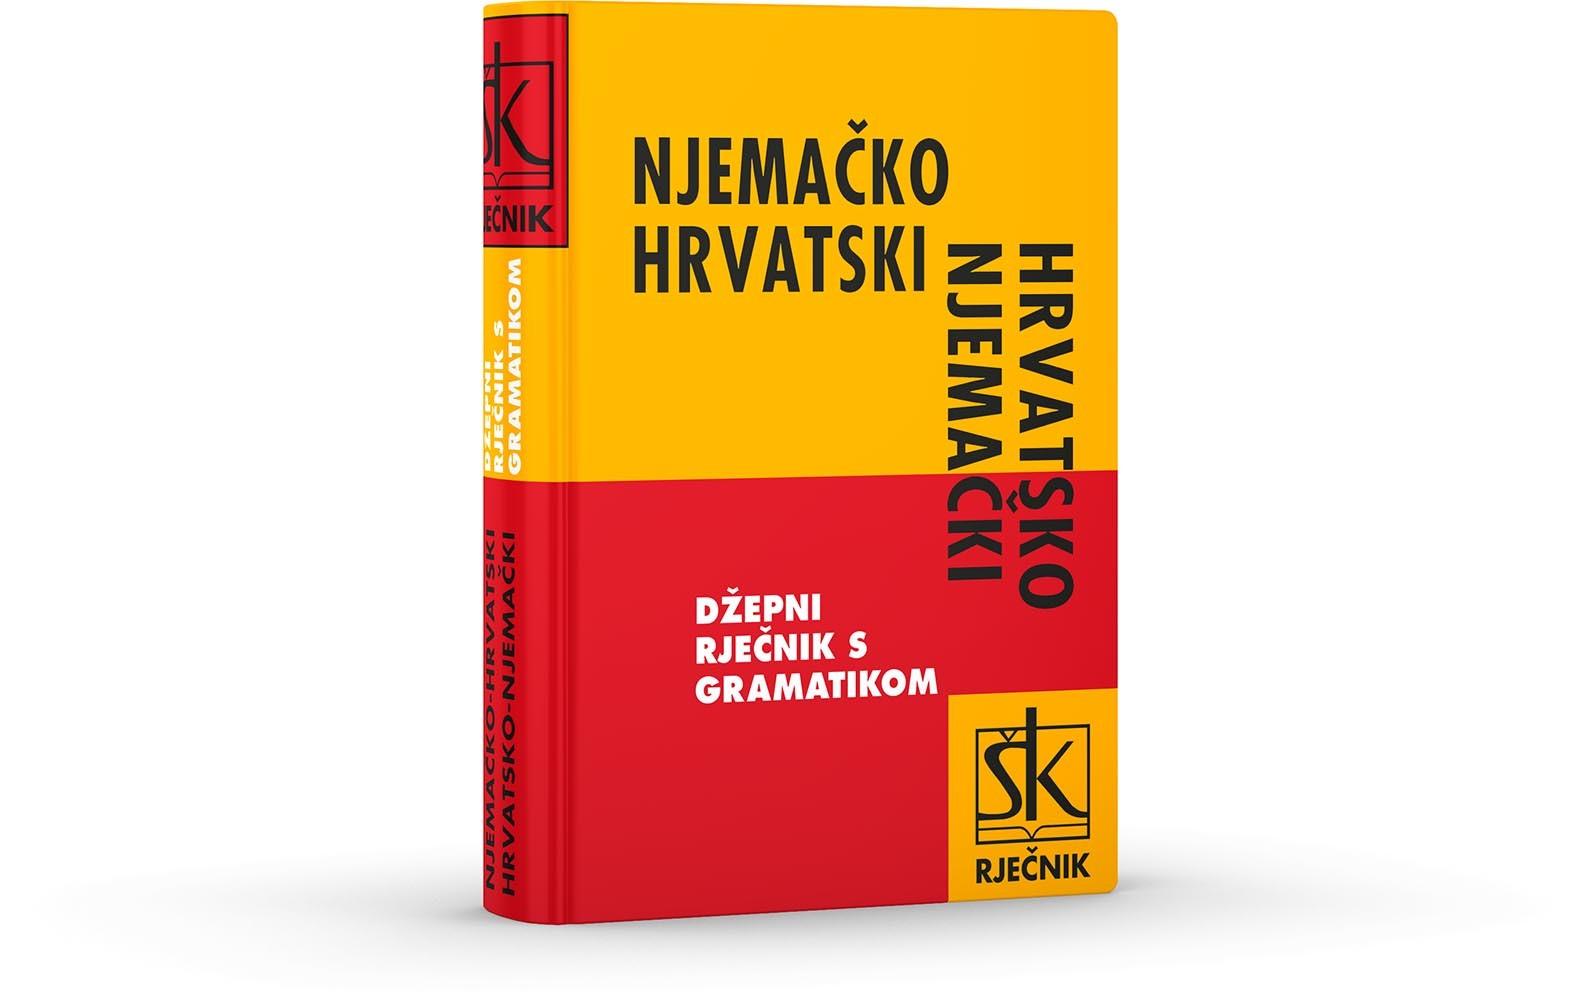 Njemačko-hrvatski i hrvatsko njemački džepni rječnik s gramatikom